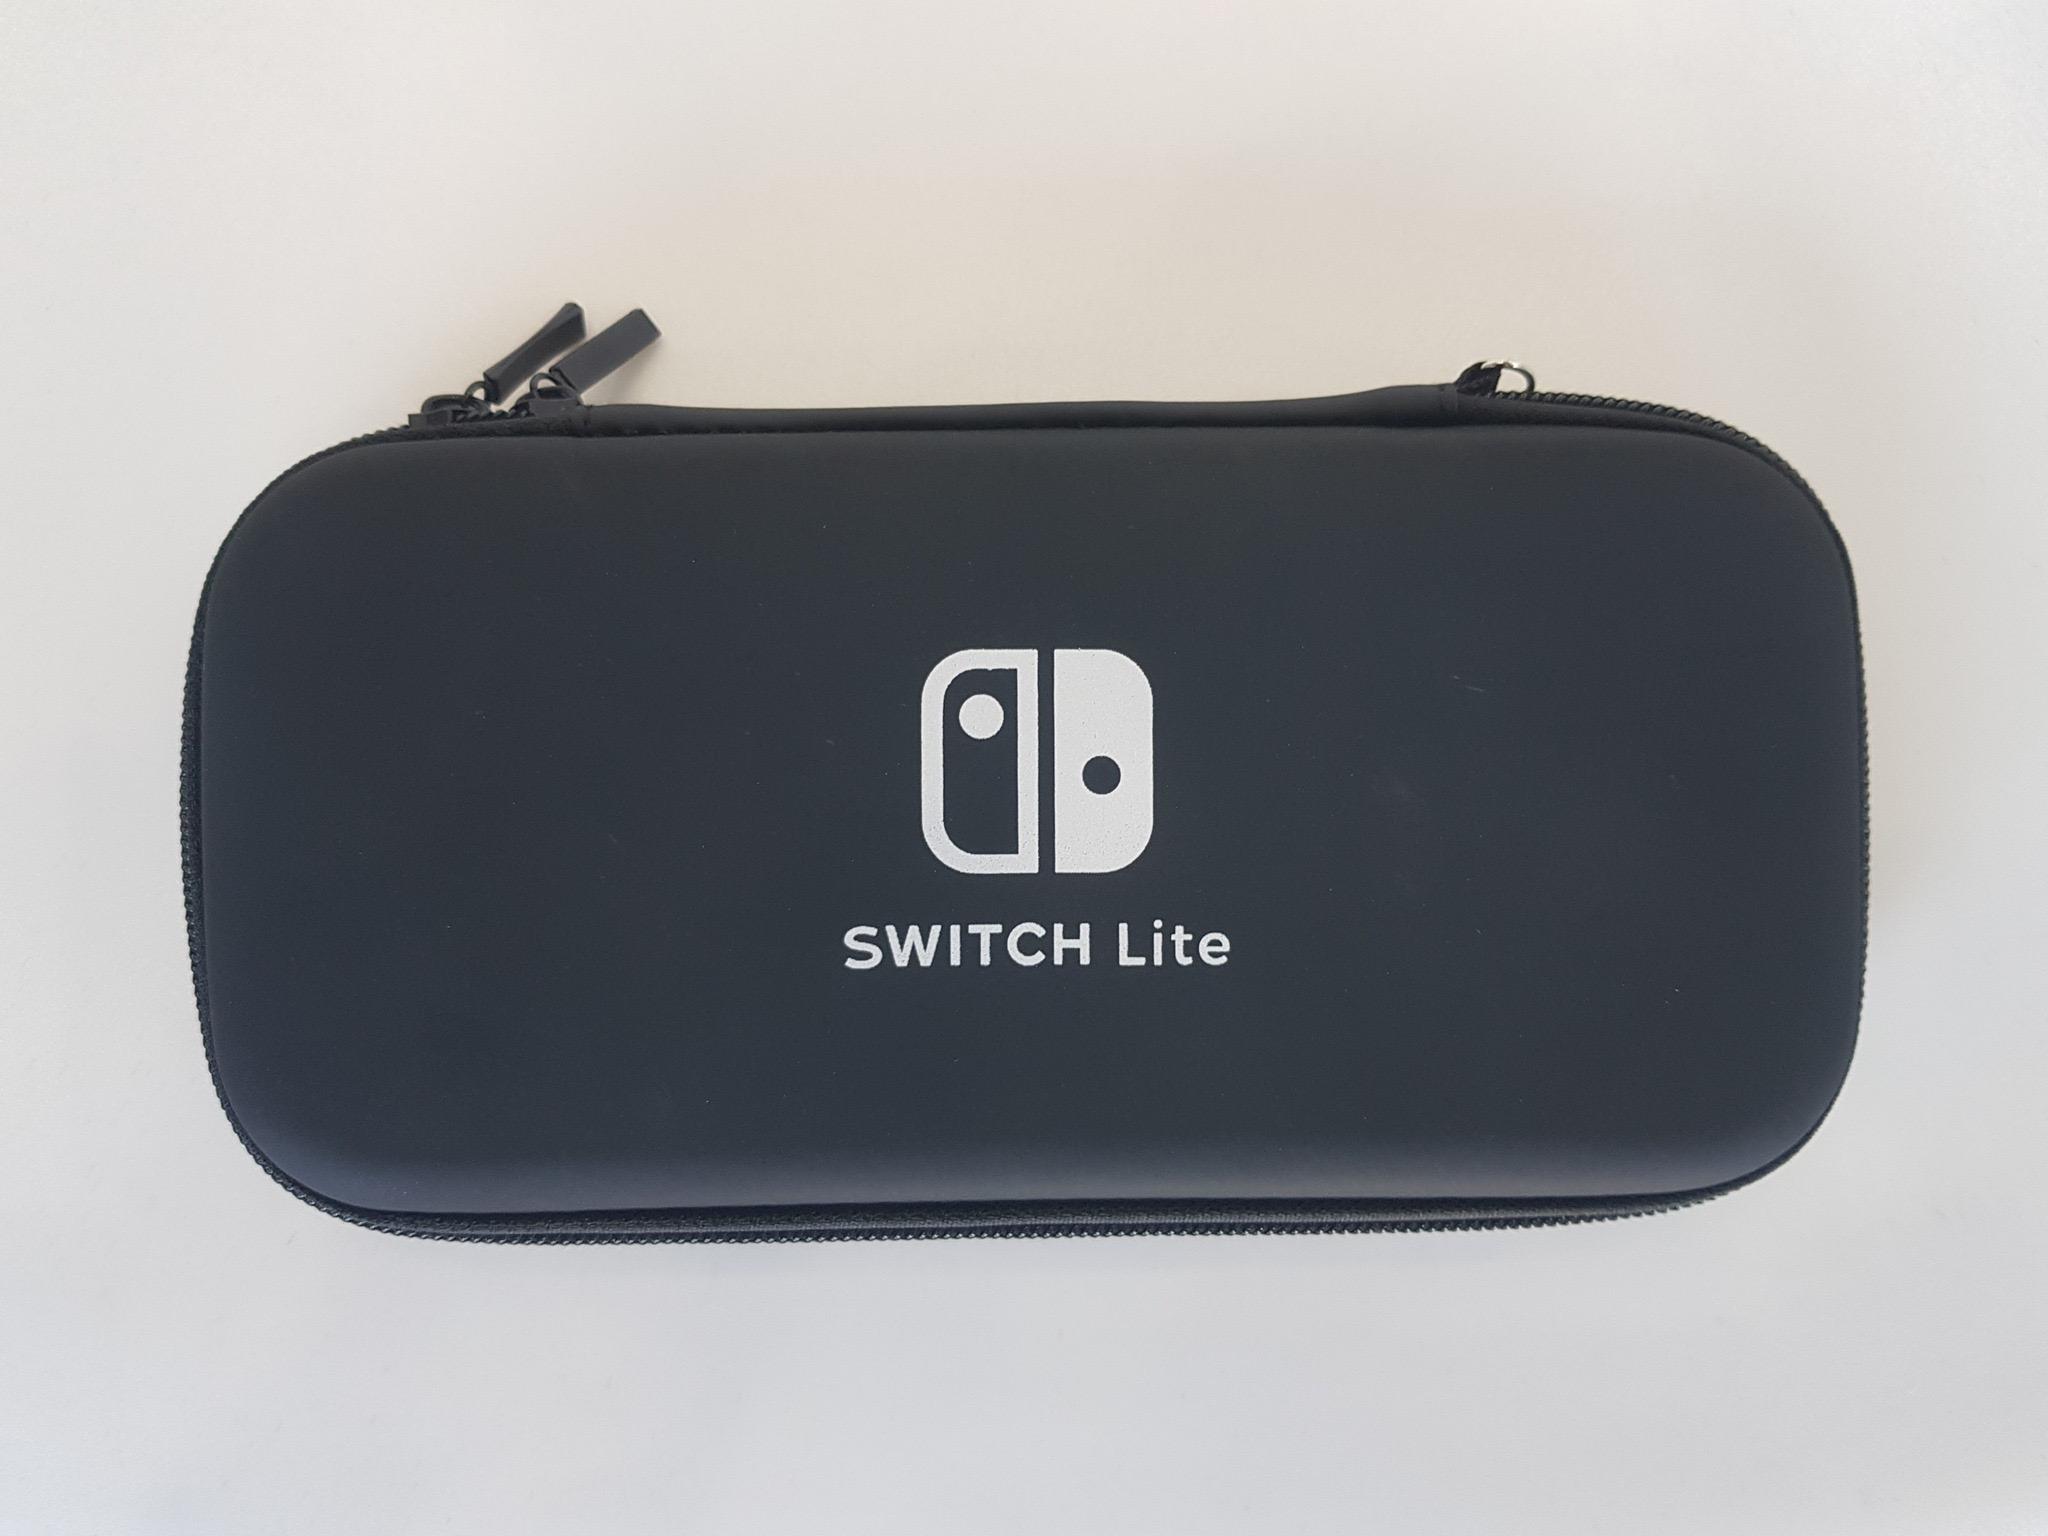 bao đựng máy nintendo switch lite giao mầu ngẫu nhiên